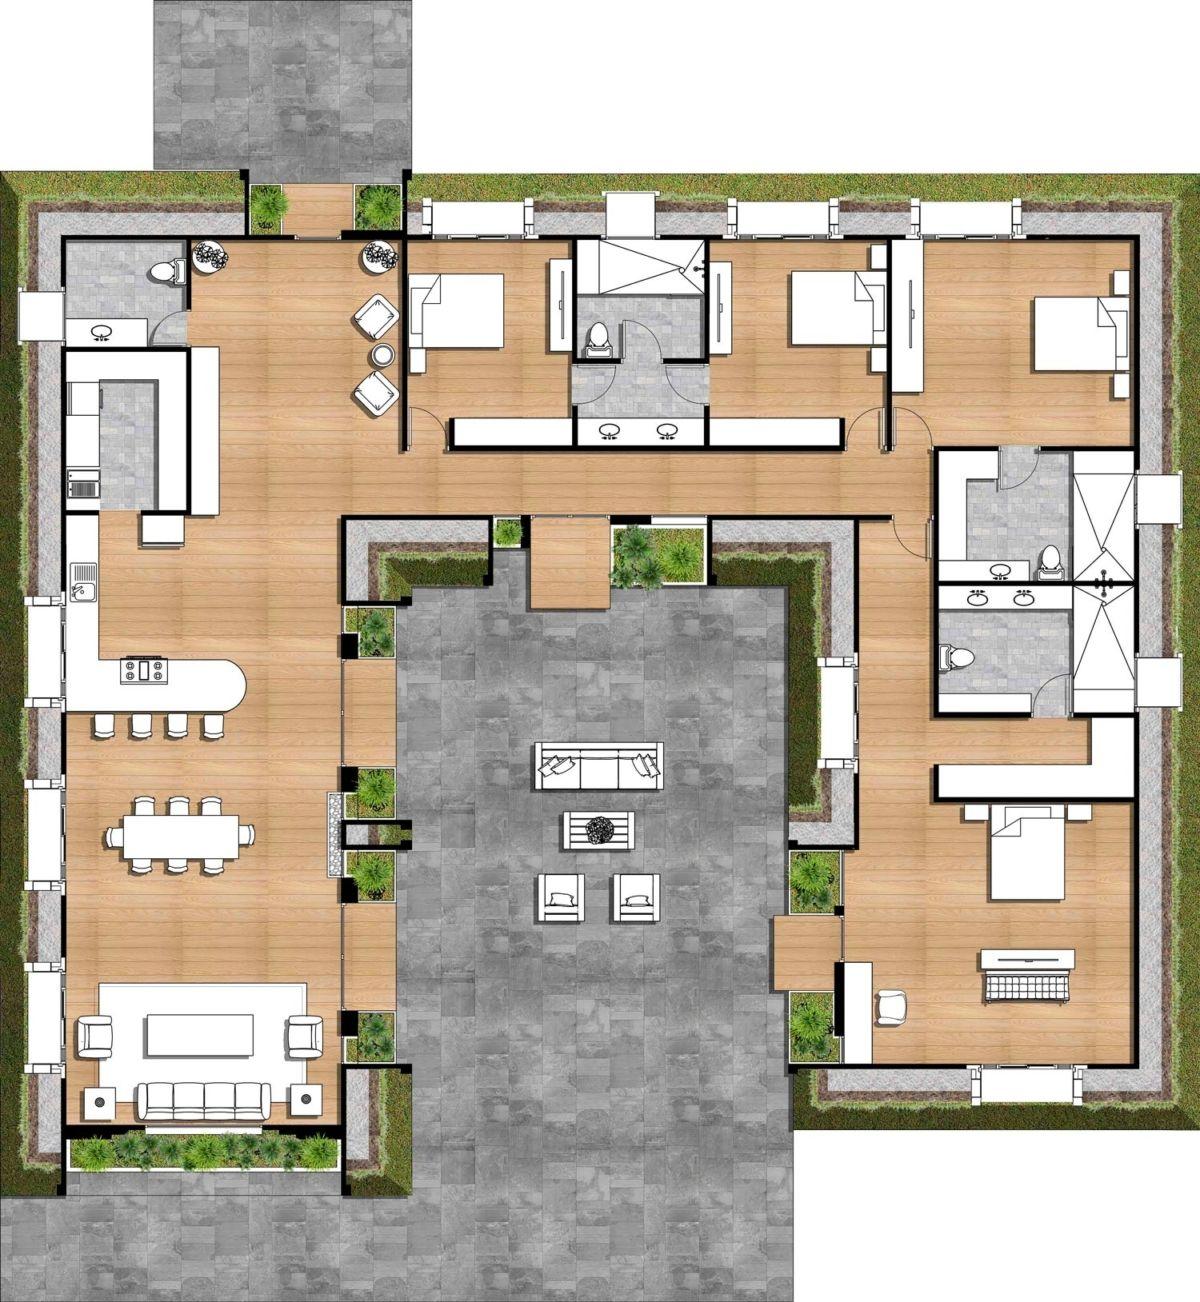 Green Magichomes Murano 4br Floorplancolor Green Magic Homes Passive Solar Design Solar Design